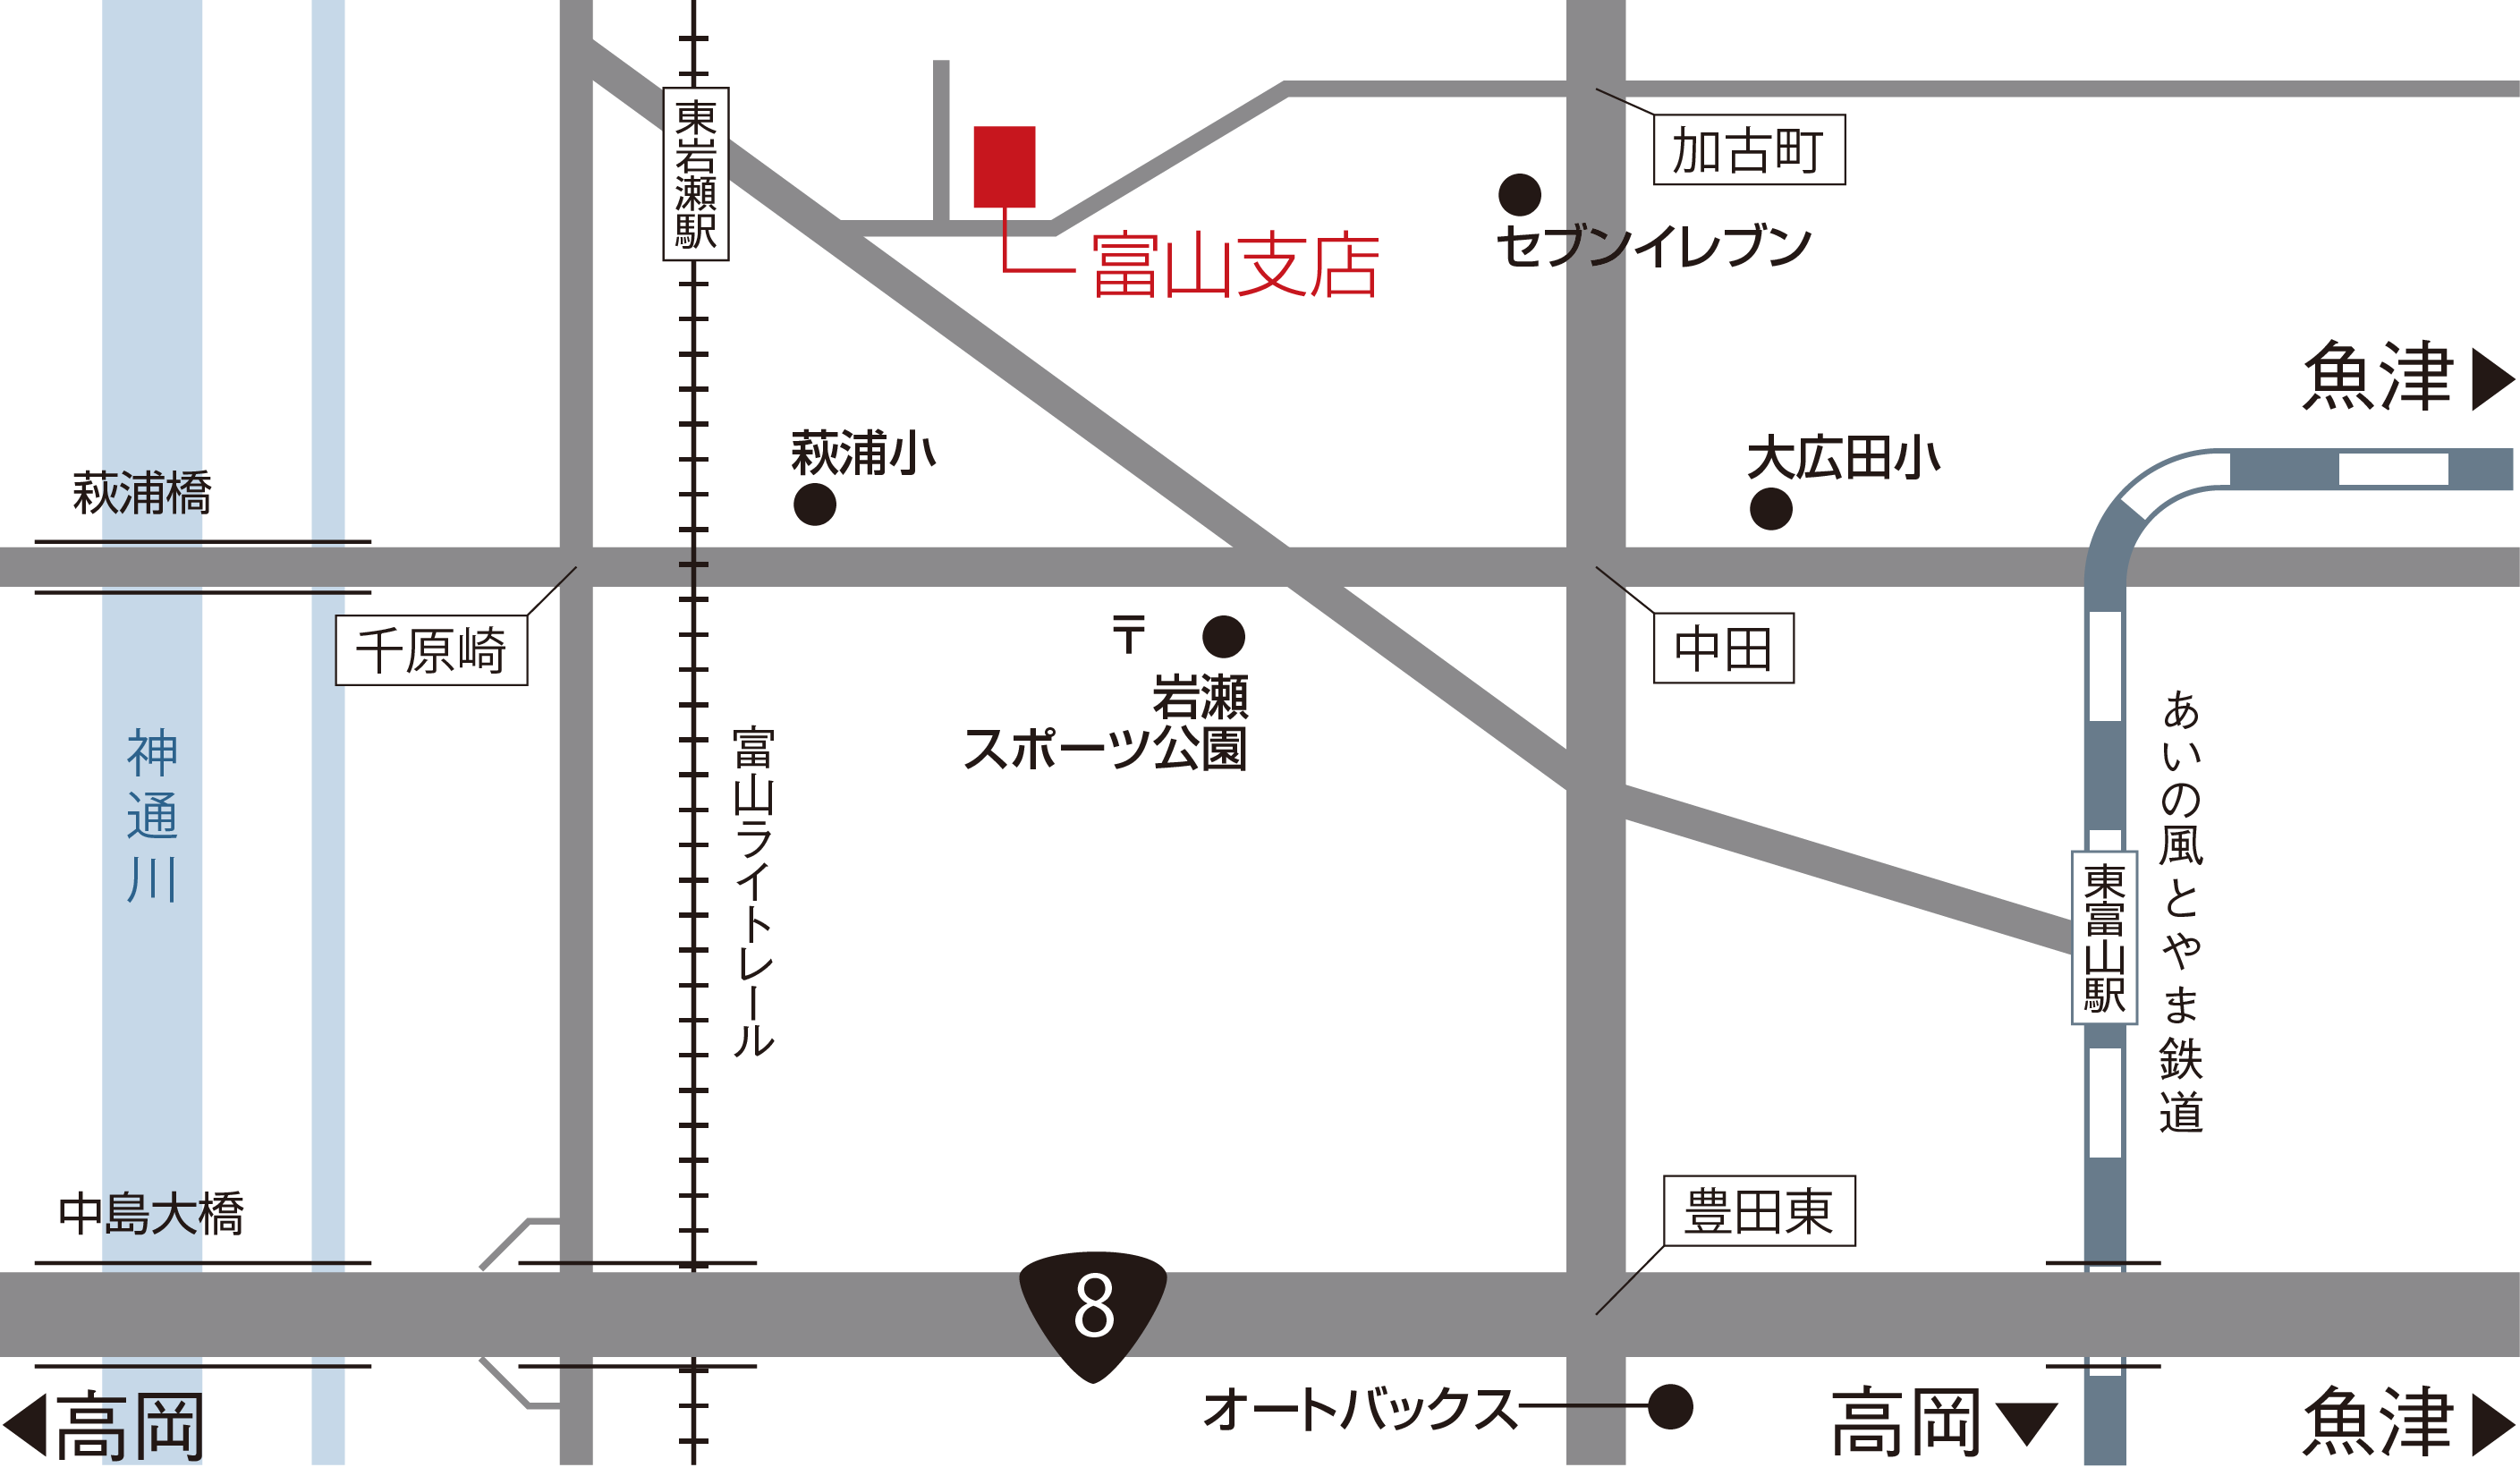 ハリタ金属株式会社 富山支店マップ